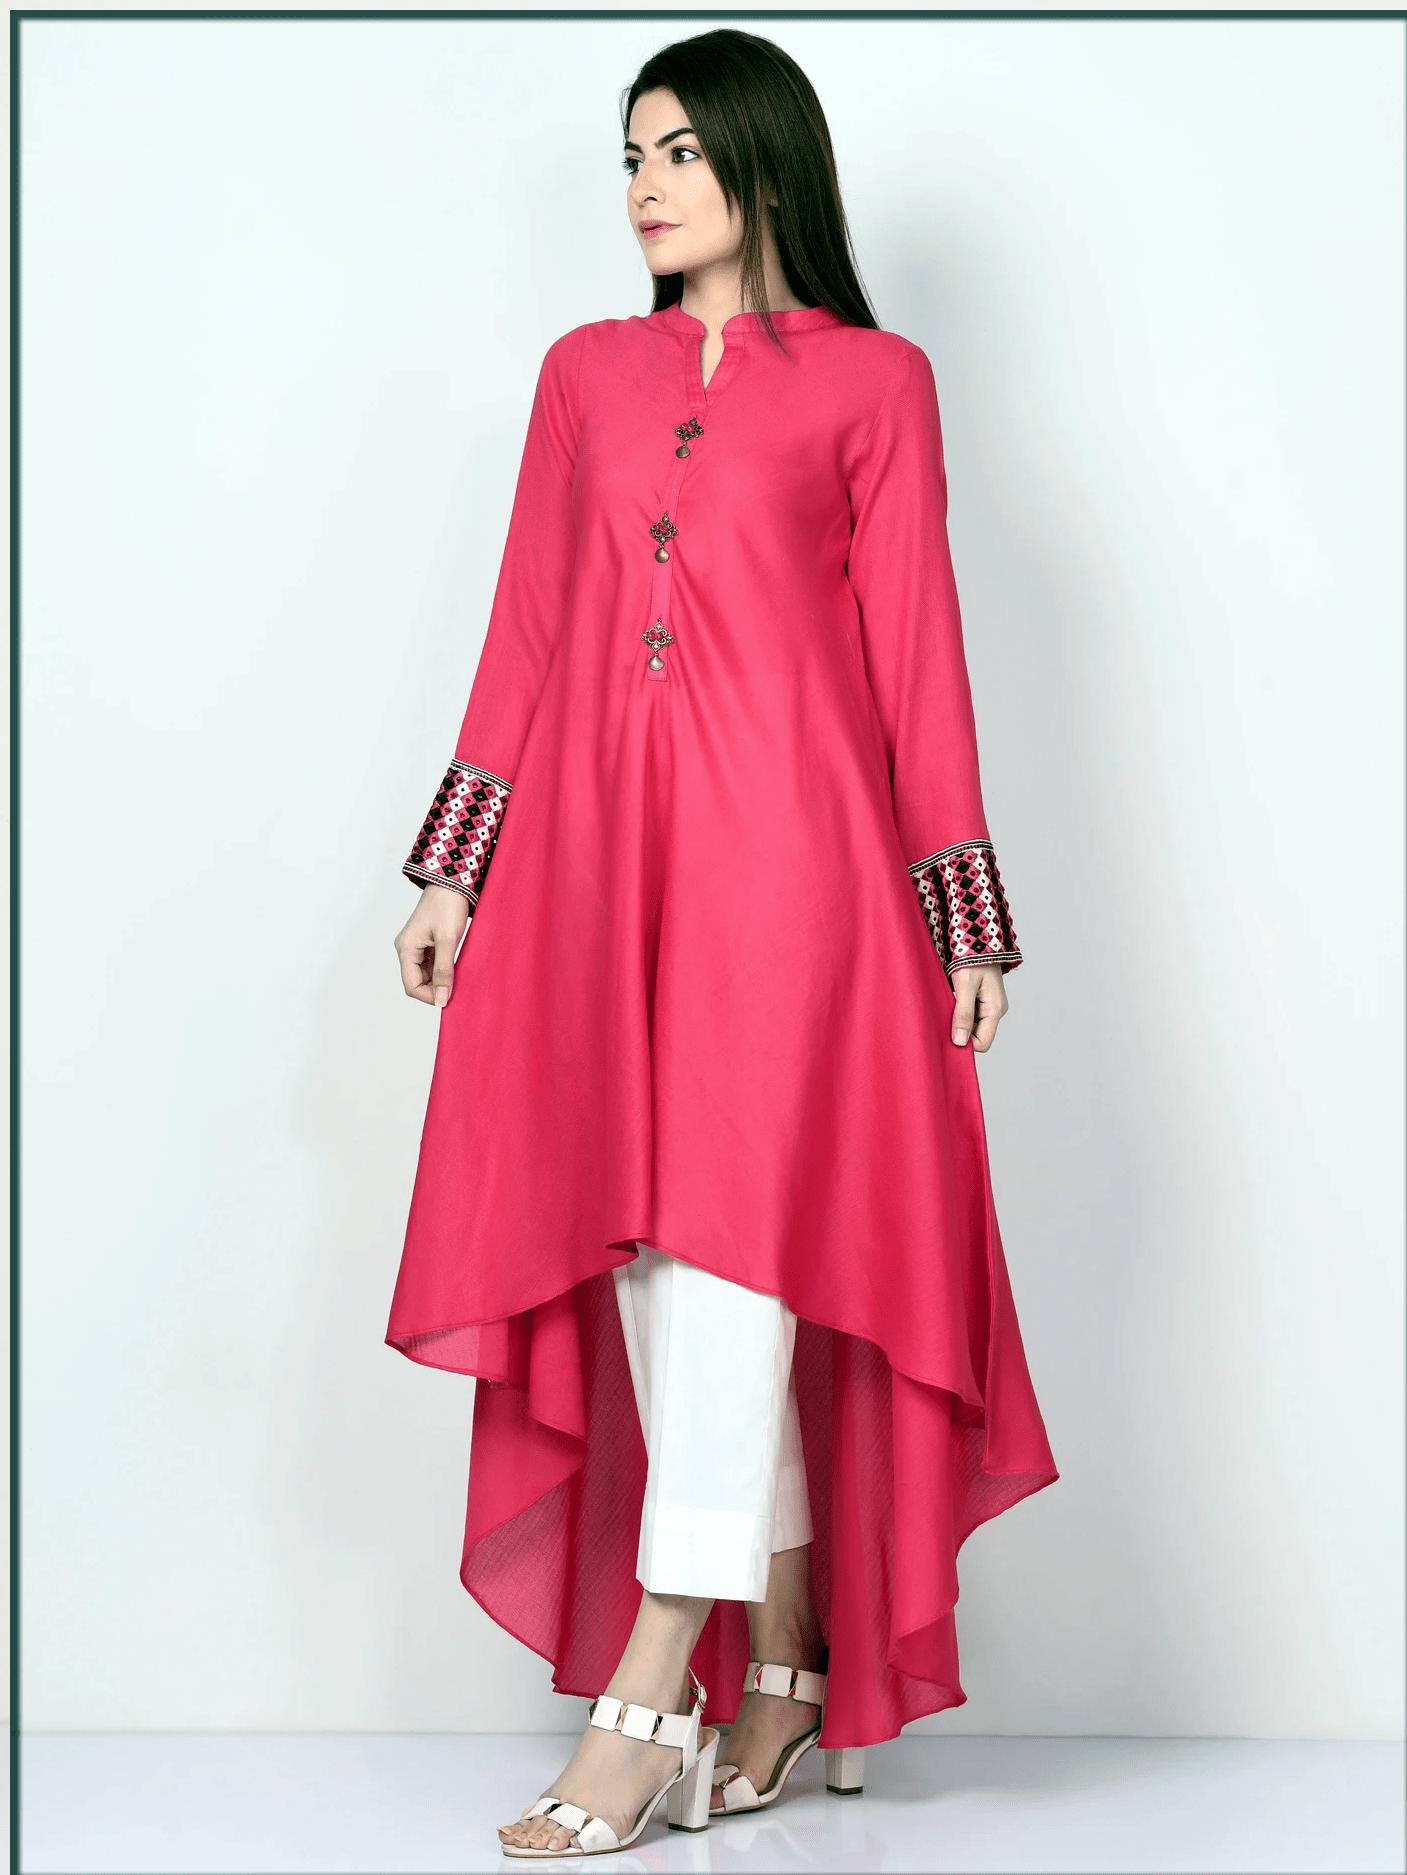 stunning pink kurta style